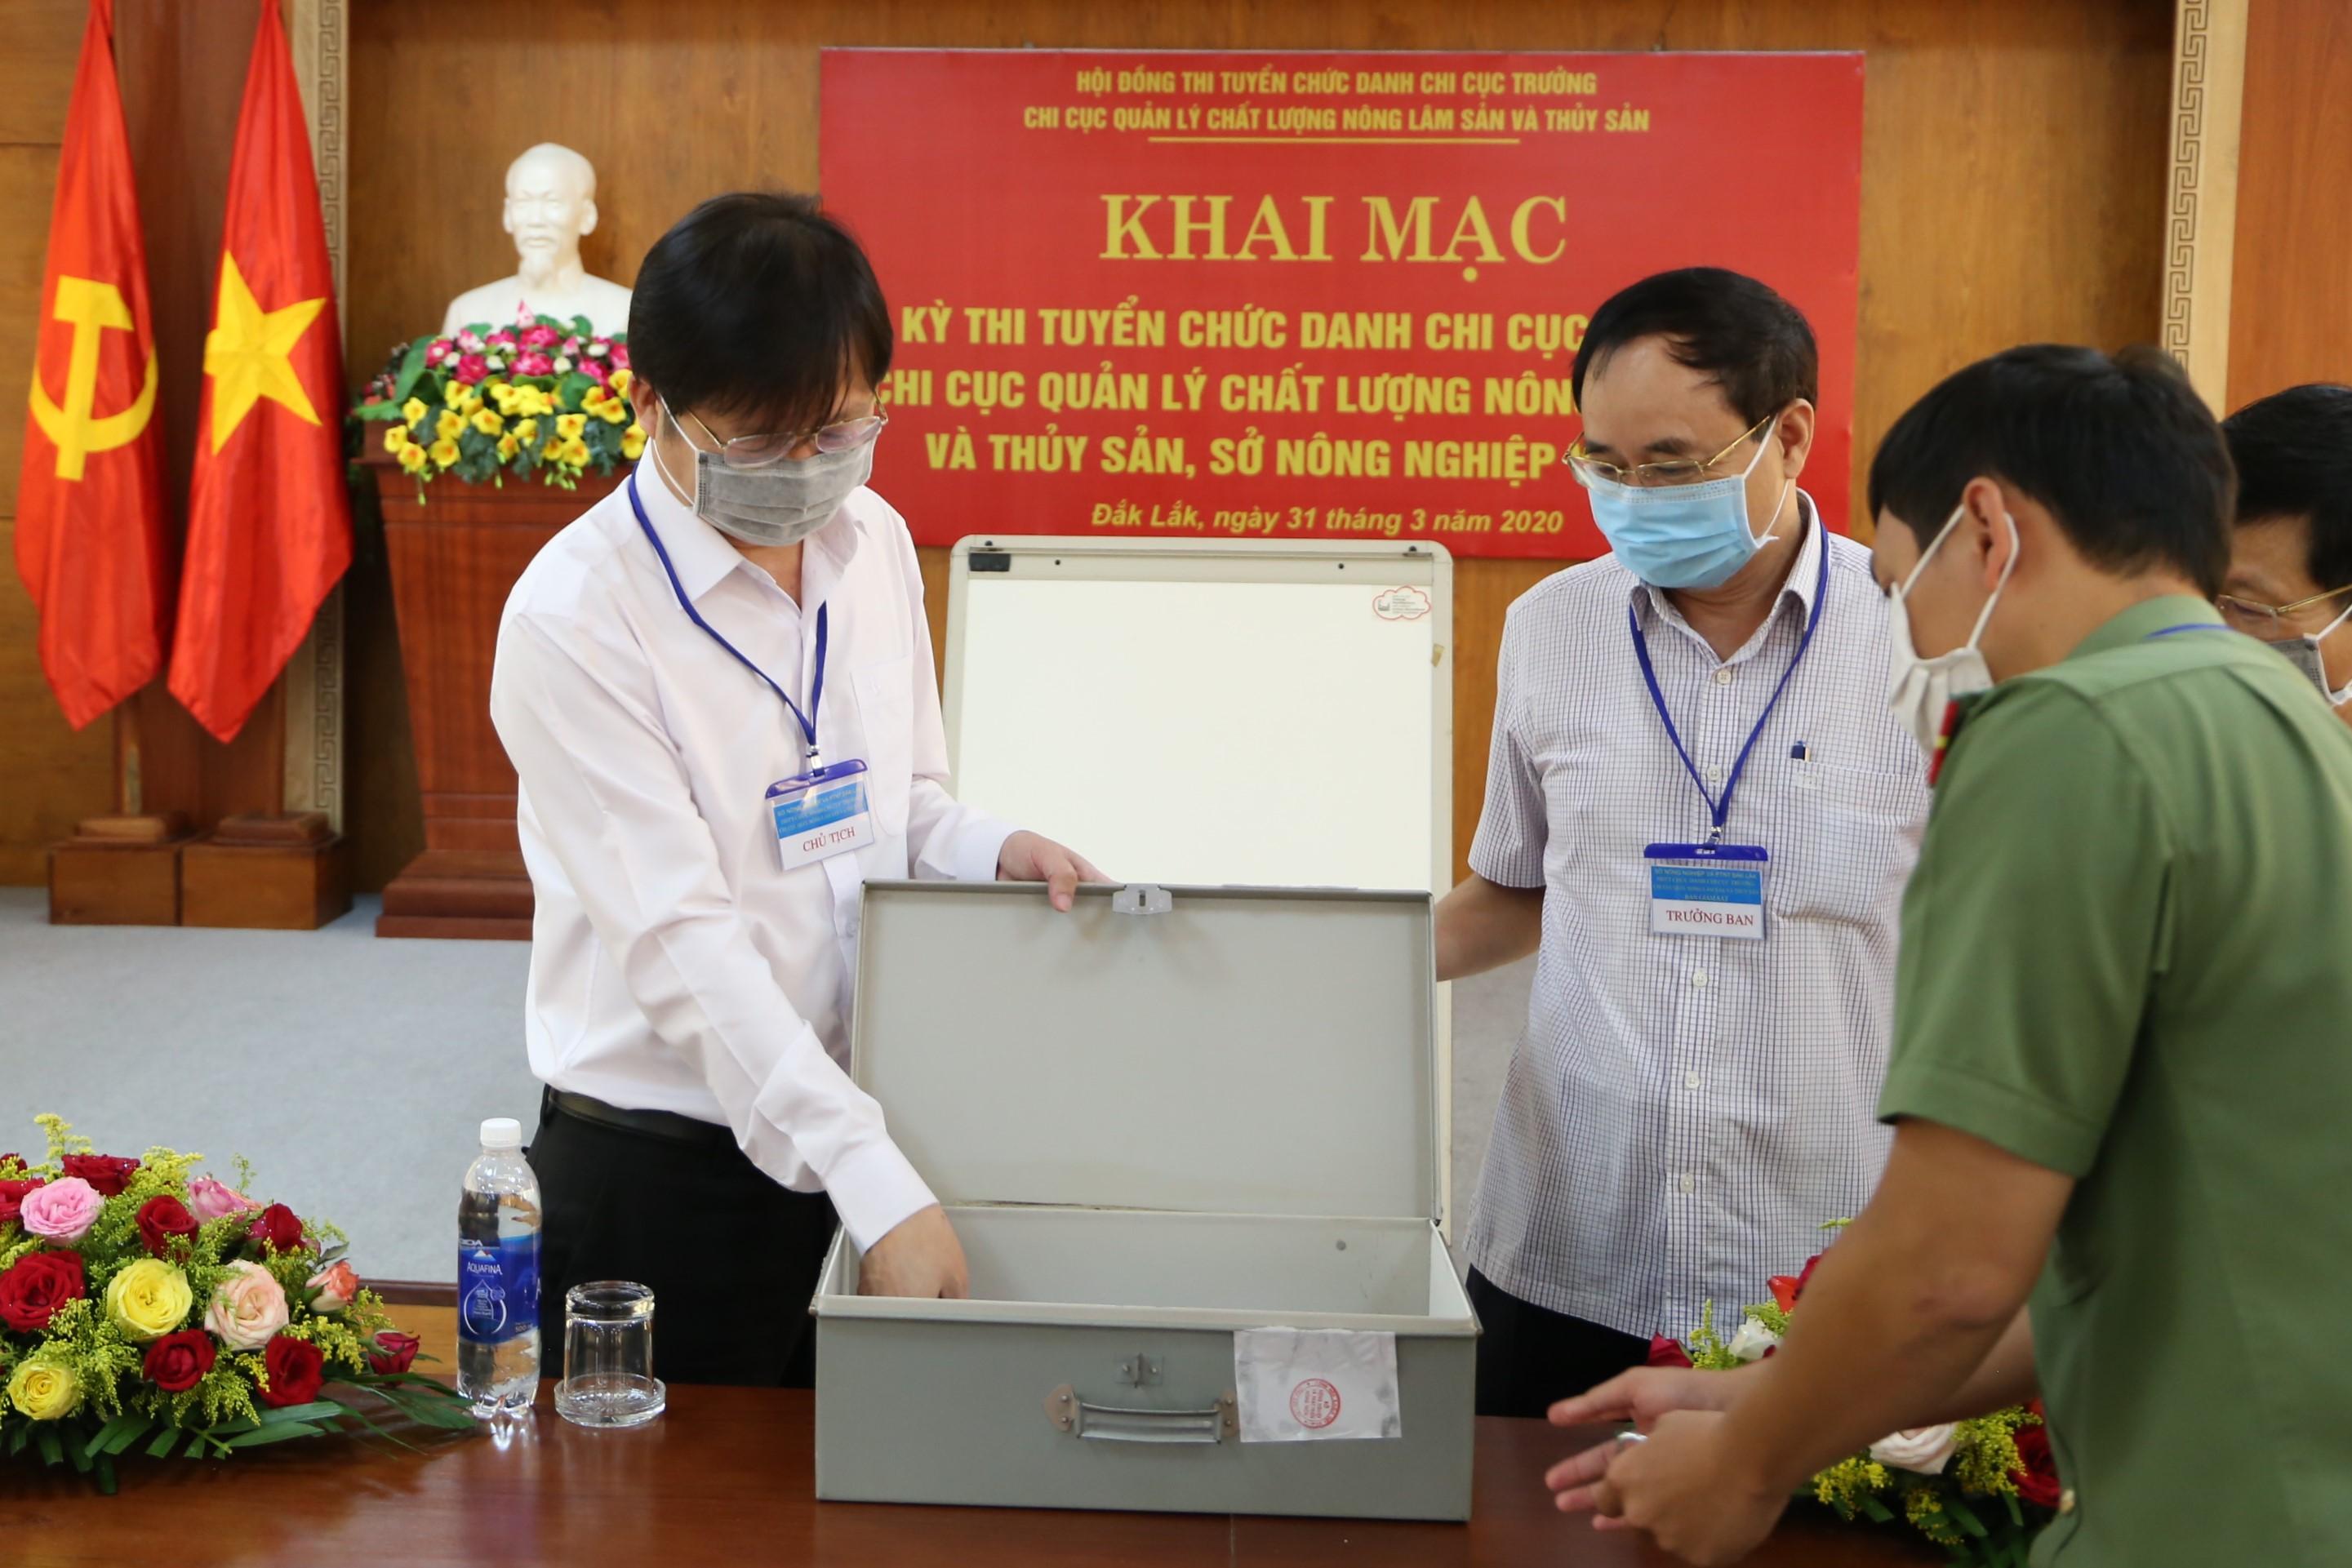 Khai mạc Kỳ thi tuyển chức danh Chi Cục trưởng Chi cục Quản lý chất lượng Nông lâm sản và Thủy sản